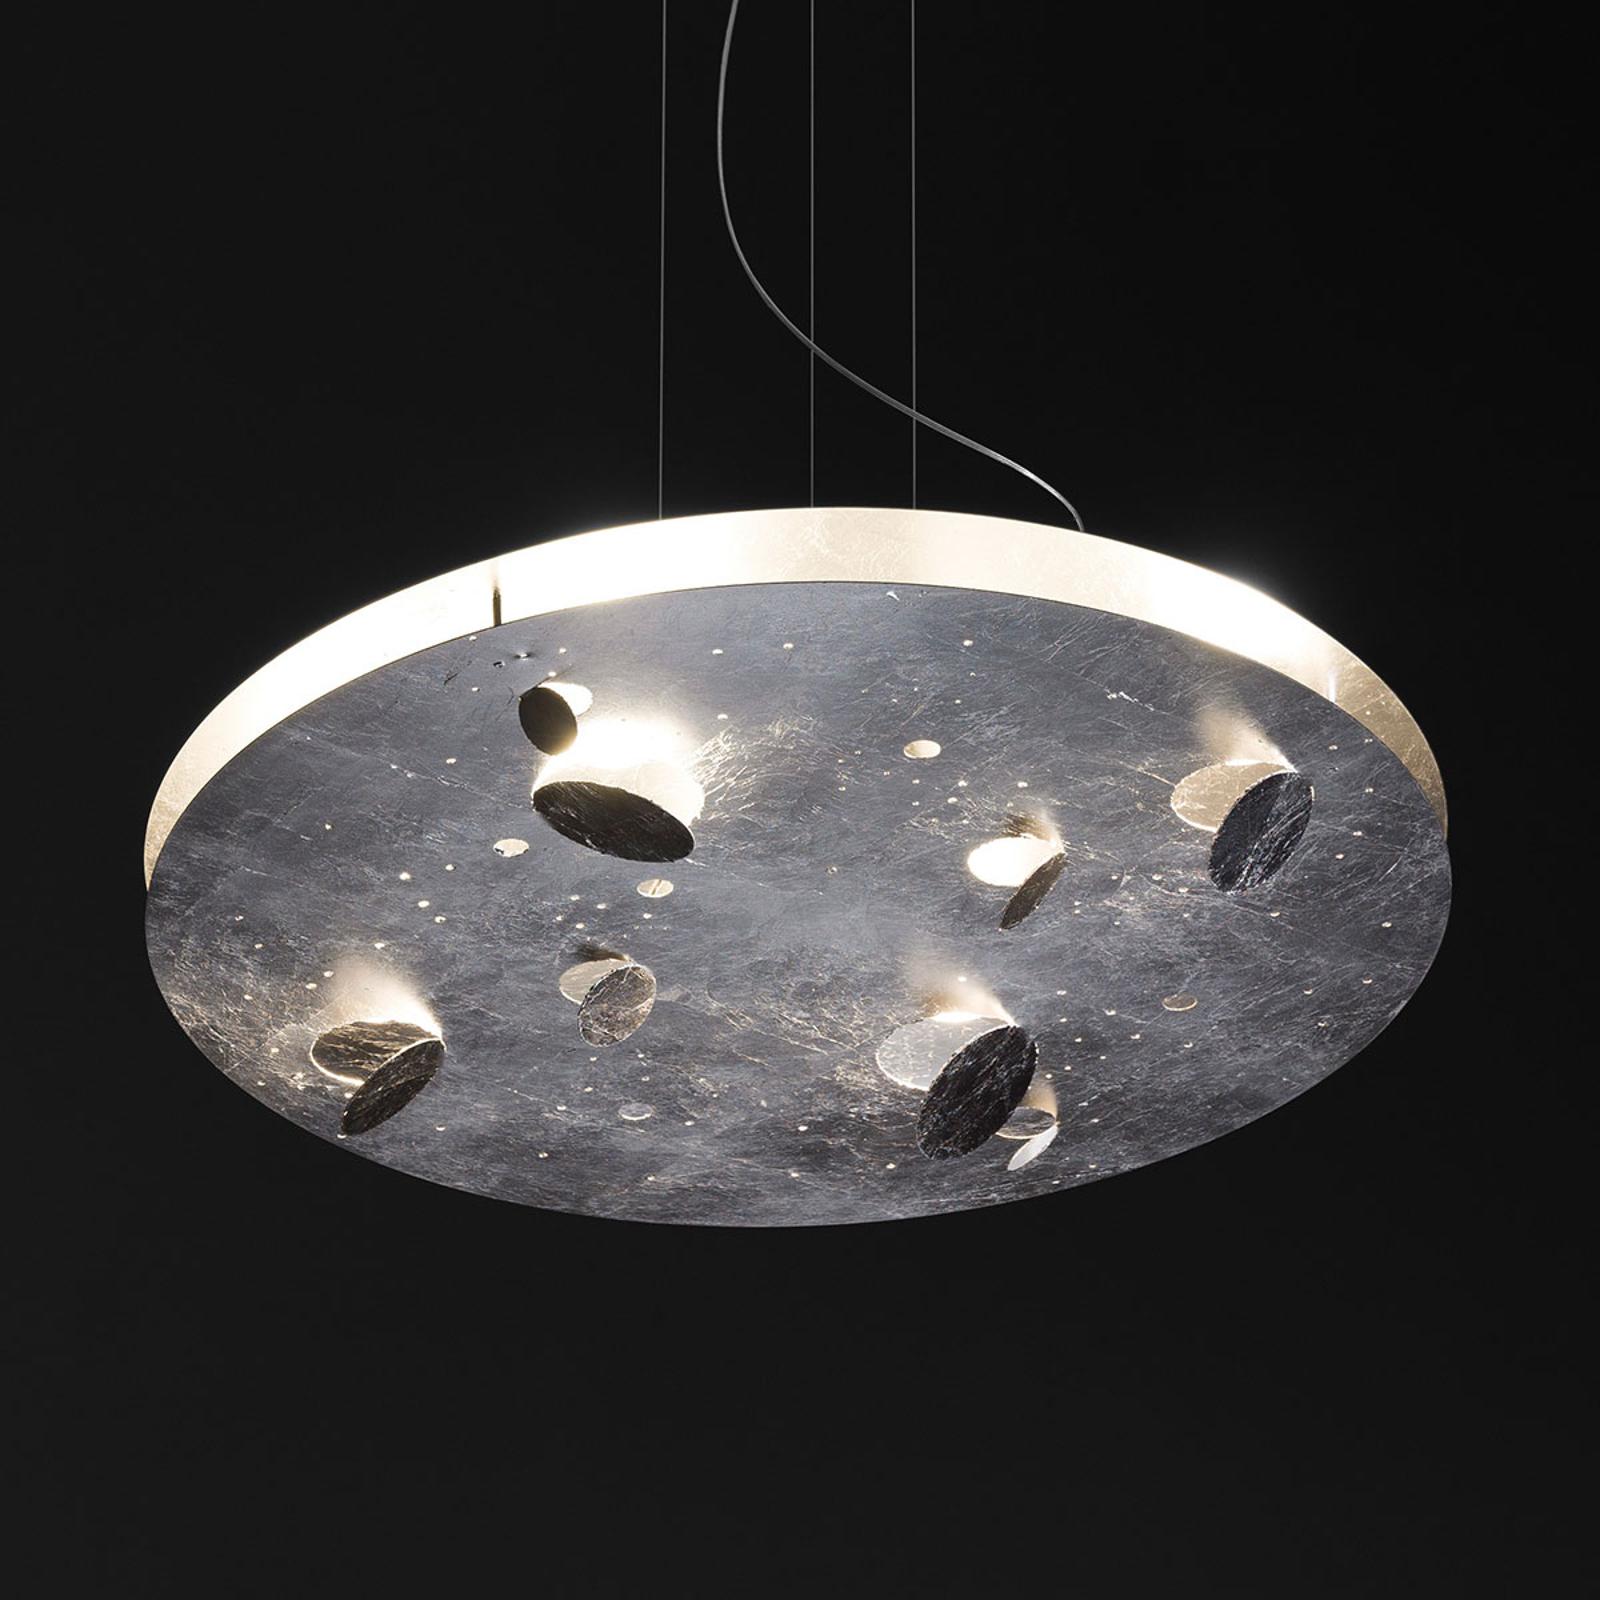 Knikerboker Buchi LED-Hängelampe rund blattsilber